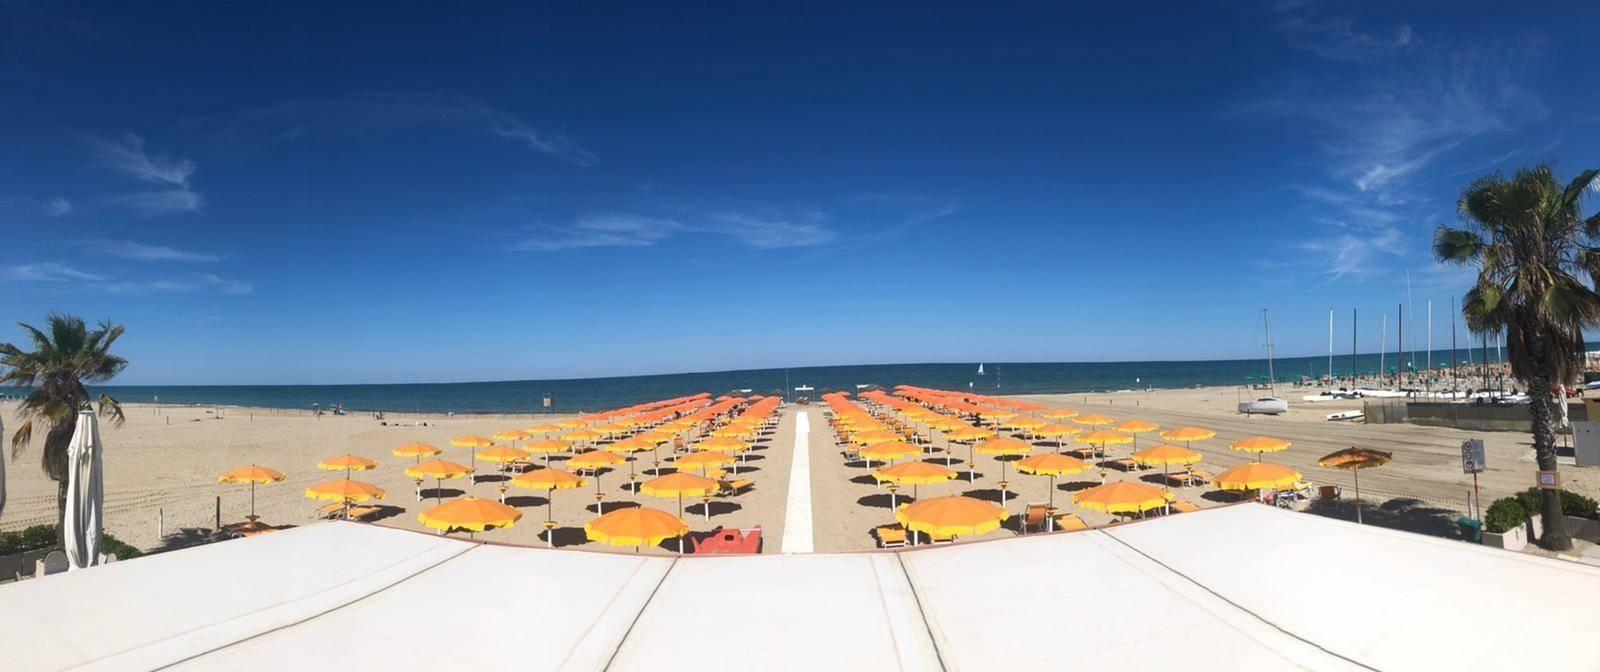 Chalet Copacabana